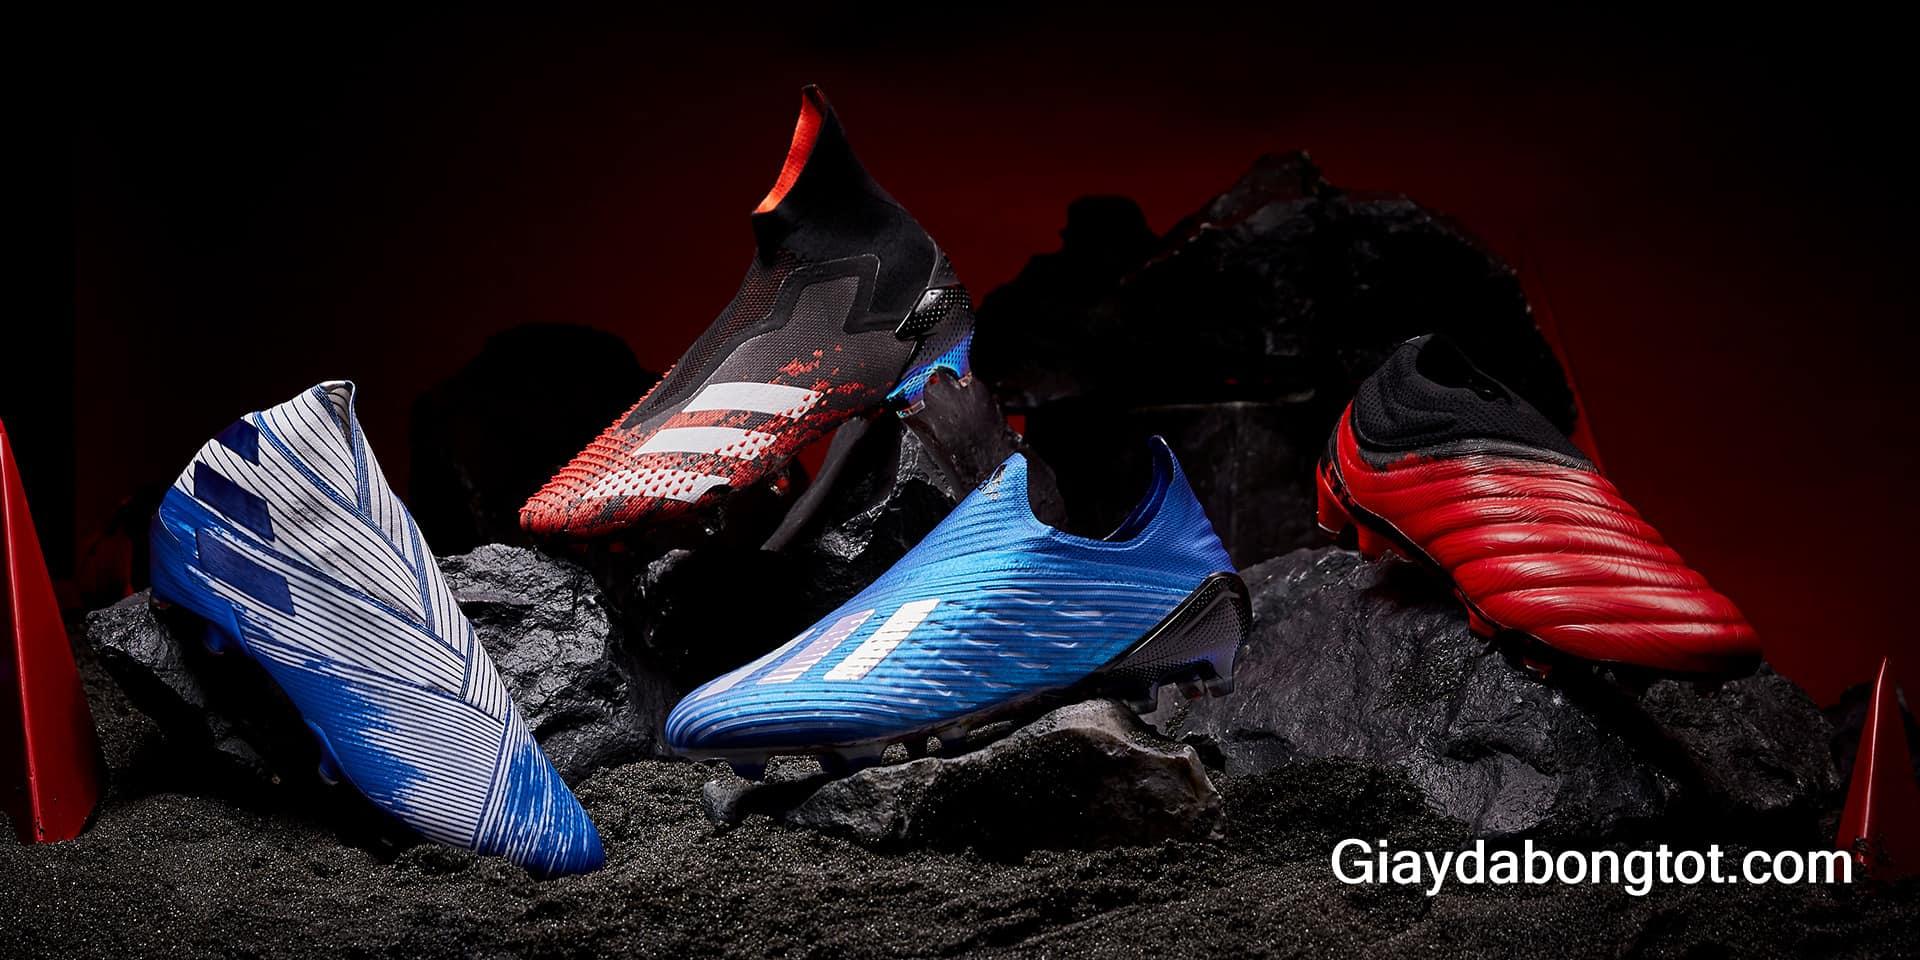 Giày bóng đá Adidas không dây phân khúc Top-End cao cấp của cầu thủ